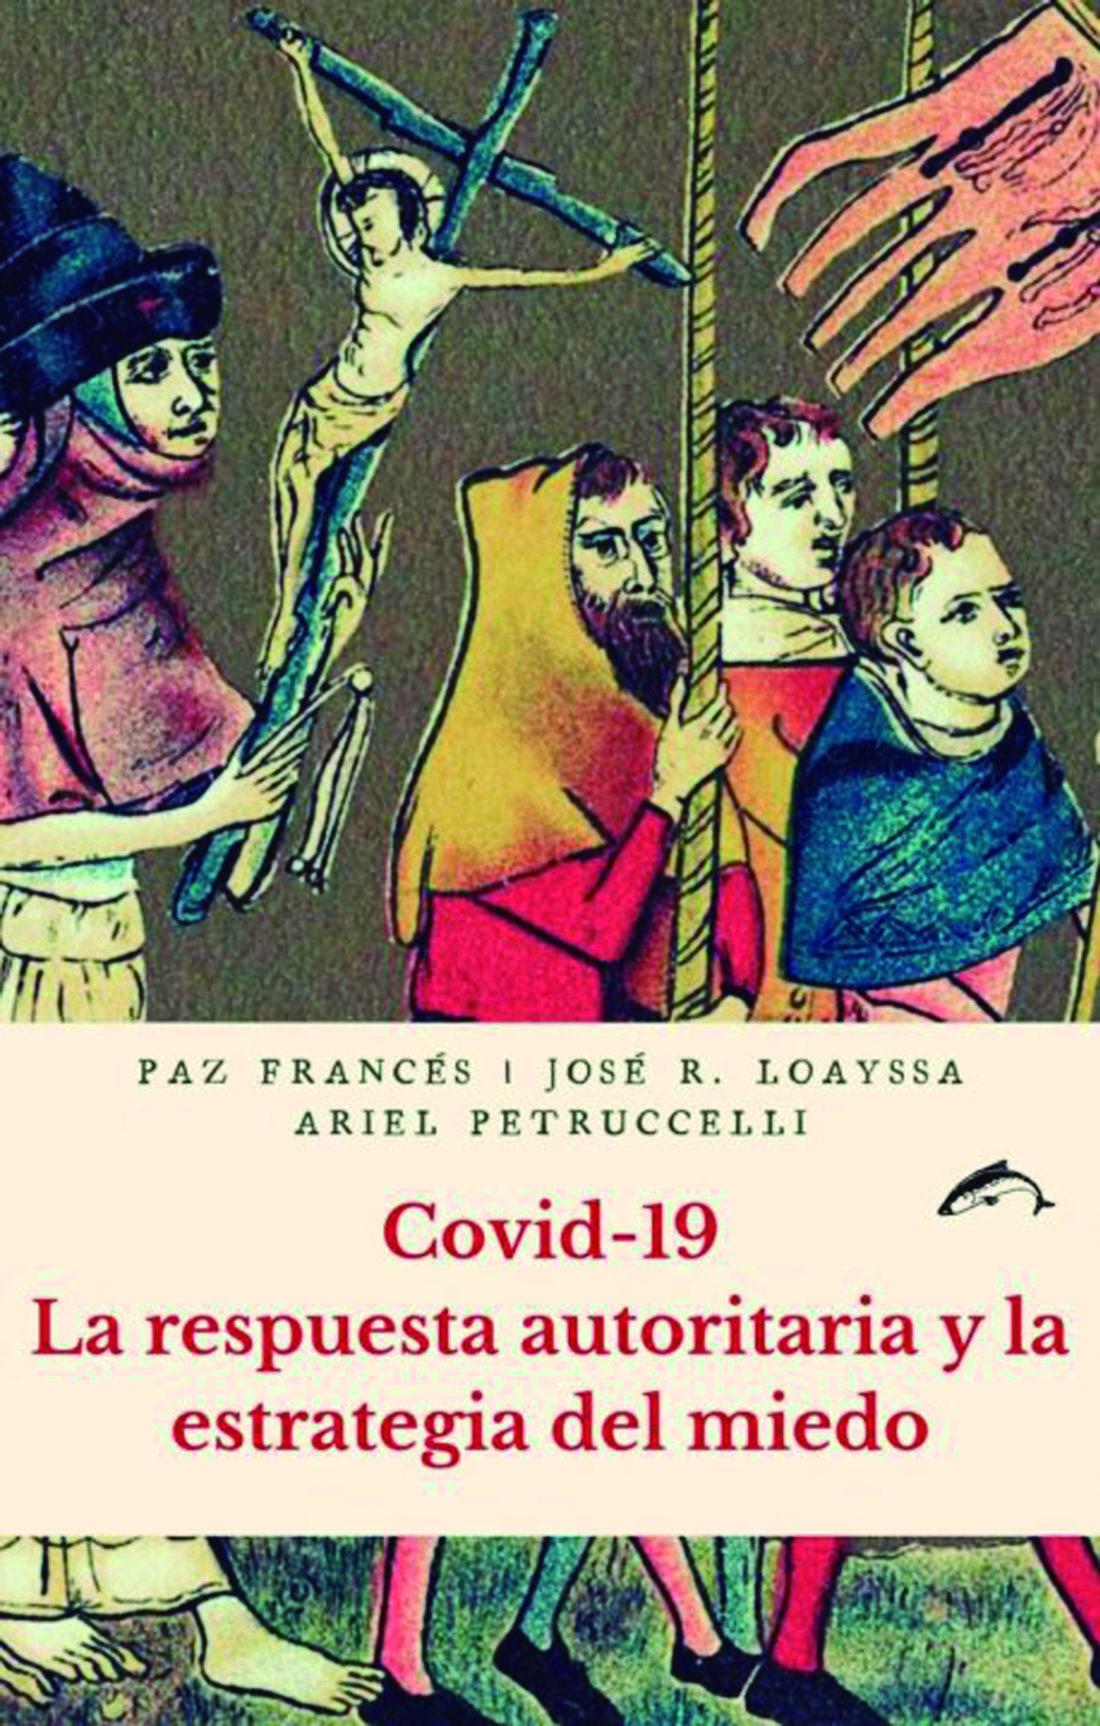 Entrevista sobre el libro «Covid 19. La respuesta autoritaria y la estrategia del miedo»